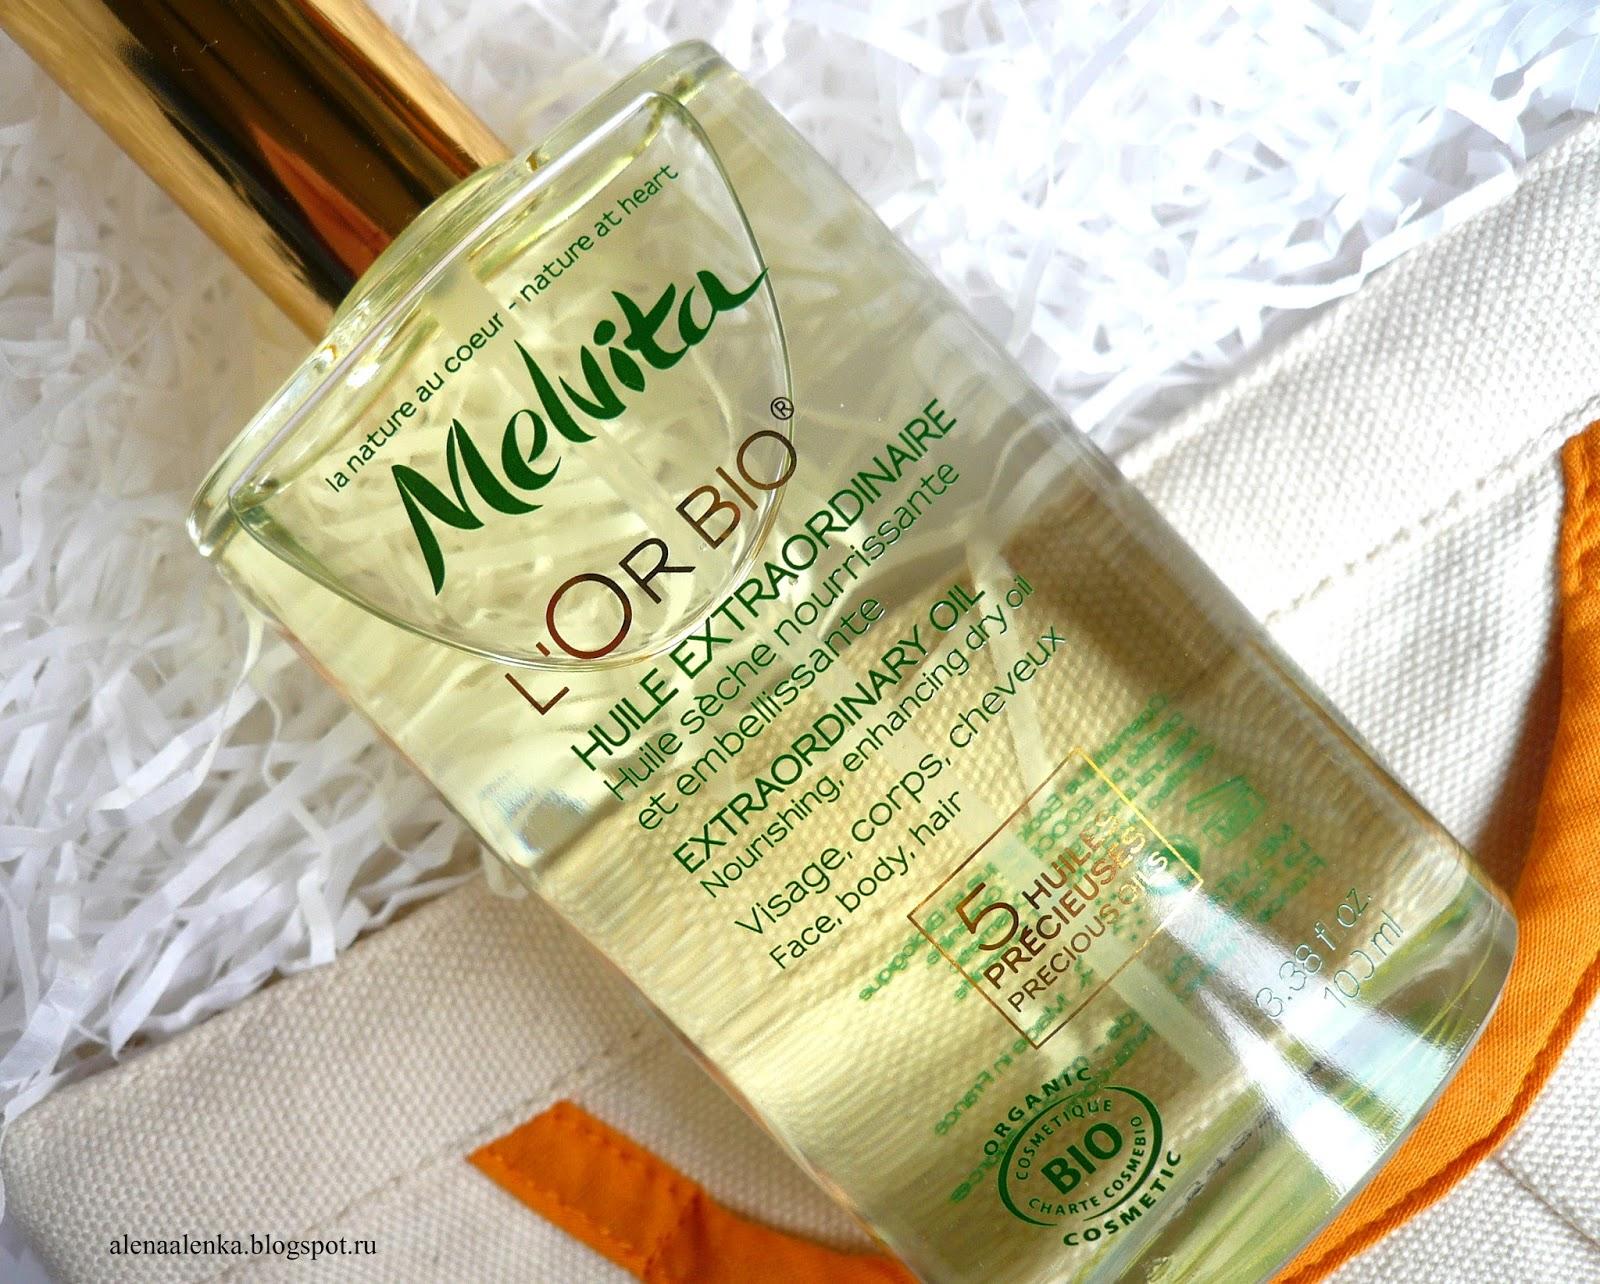 Melvita, органическая косметика, экстраординарное масло, уход за кожей.